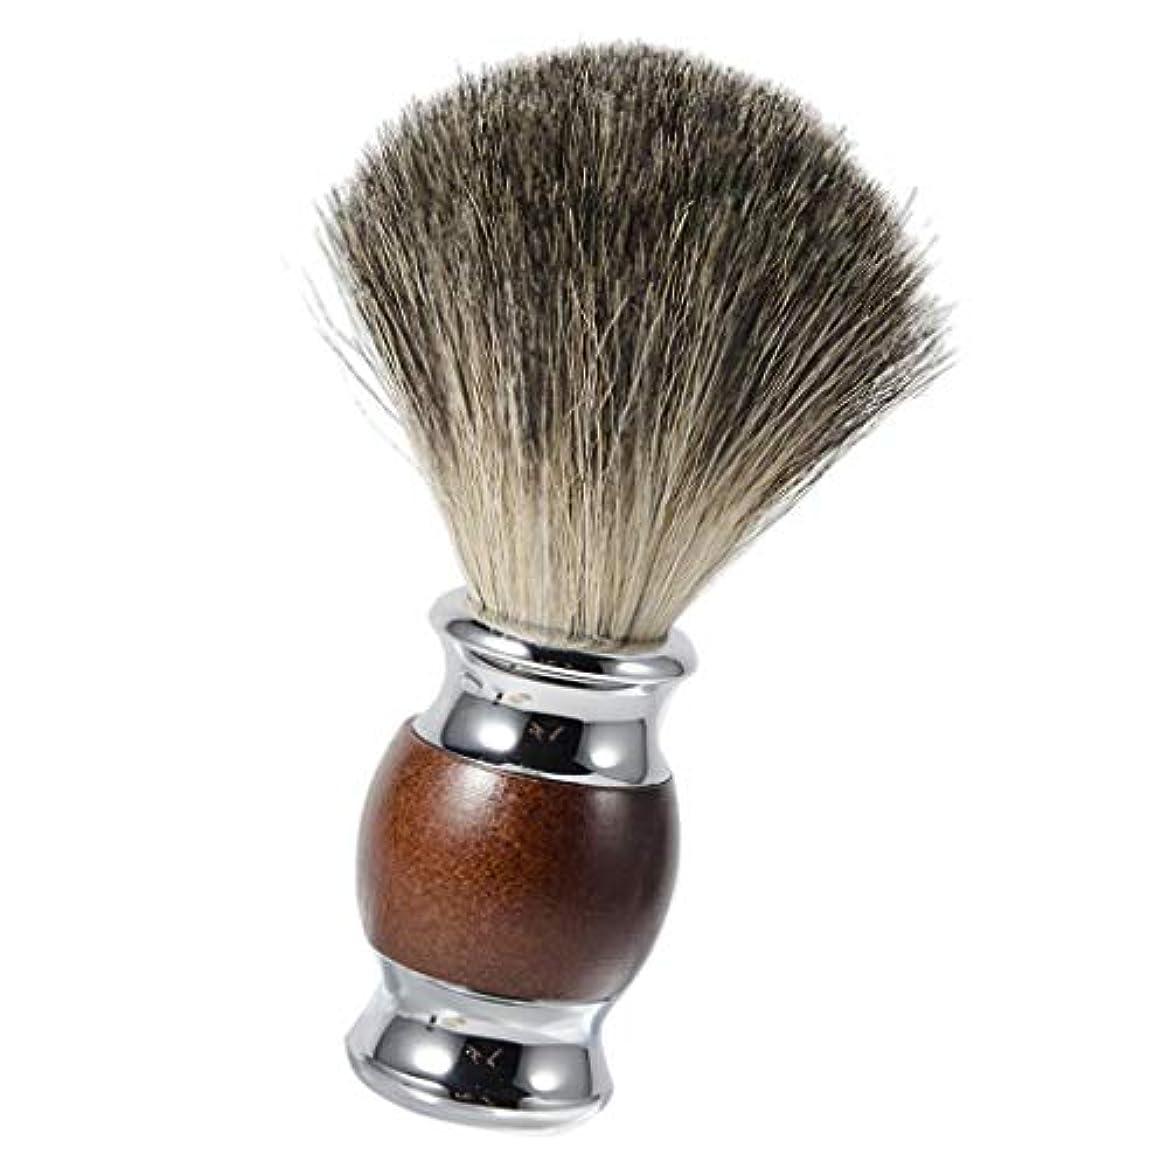 筋肉の花簡単にひげブラシ シェービングブラシ 木製ハンドル 理容 洗顔 髭剃り 泡立ち メンズ用 友人にプレゼント